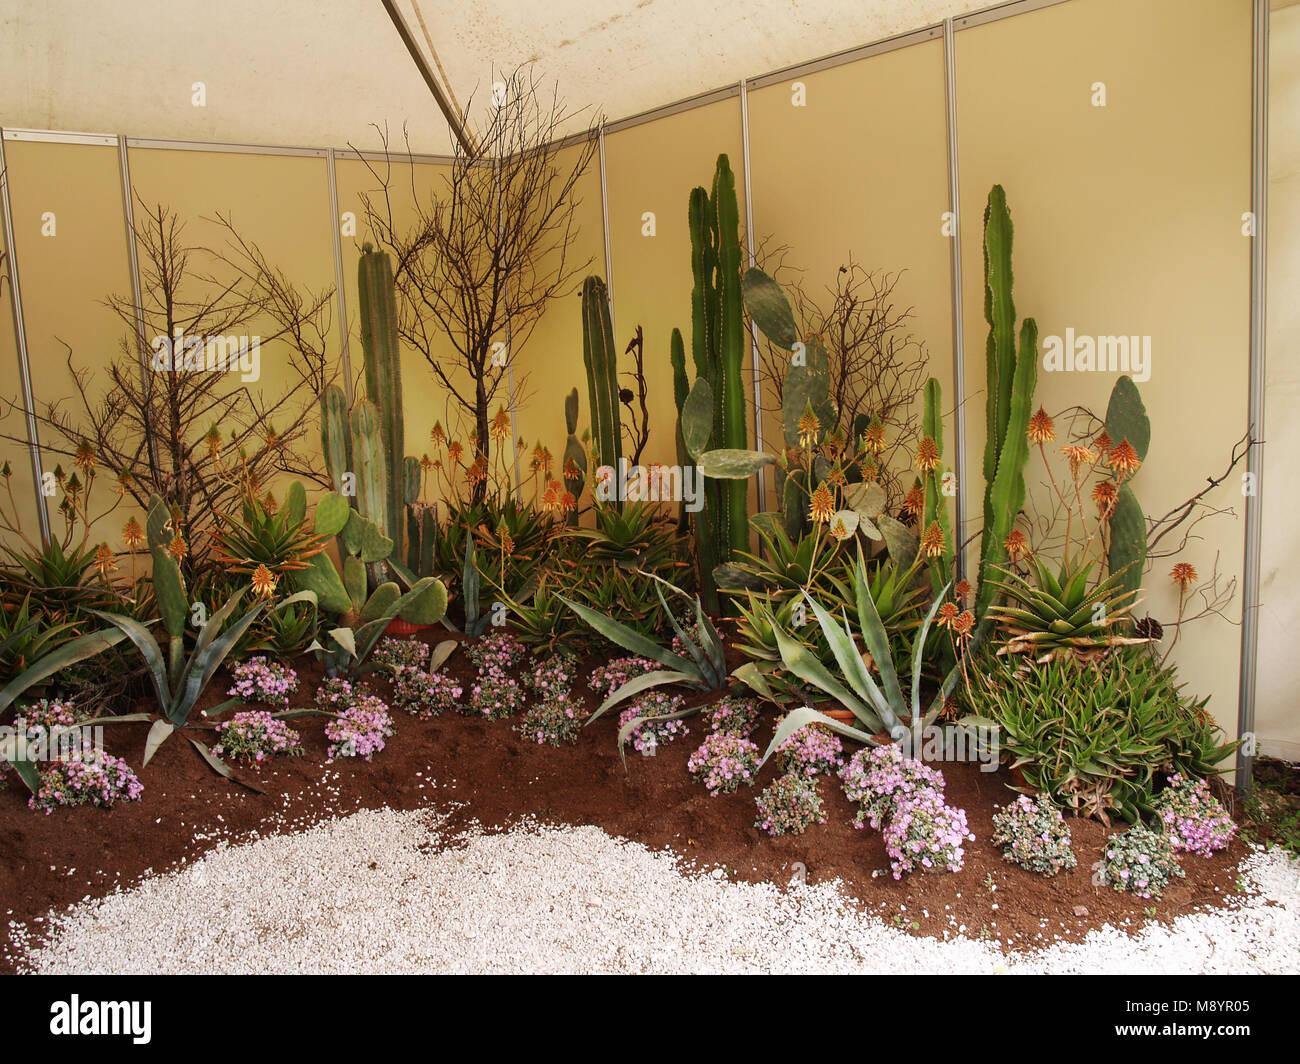 Piante Grasse Piccole Prezzi collezione di cactus e piante grasse in mostra foto stock